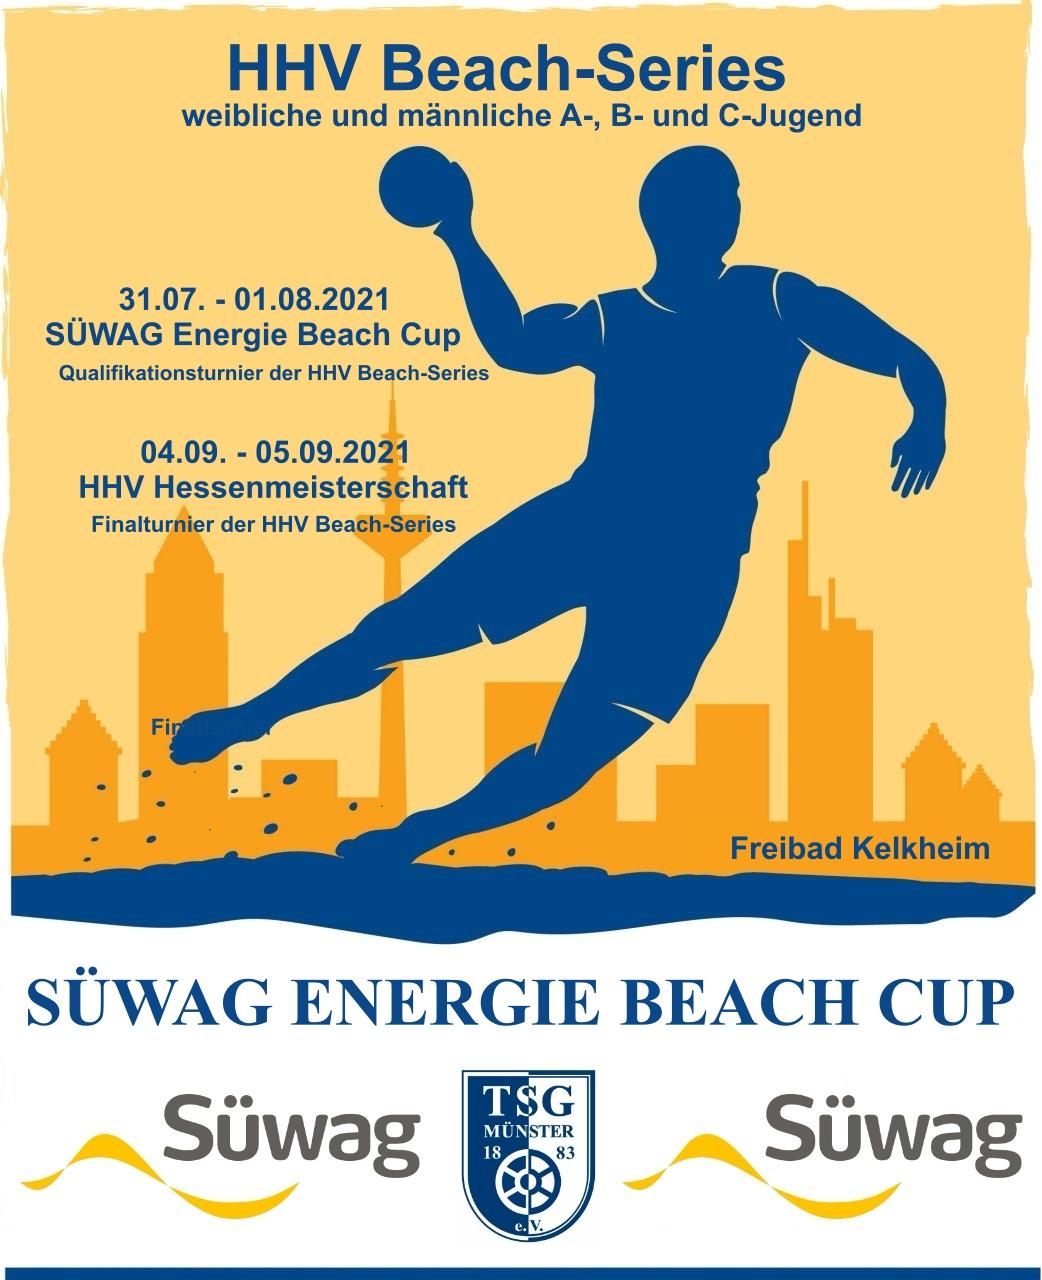 2021-07-18 Süwag Enegie Beach Cup 2021